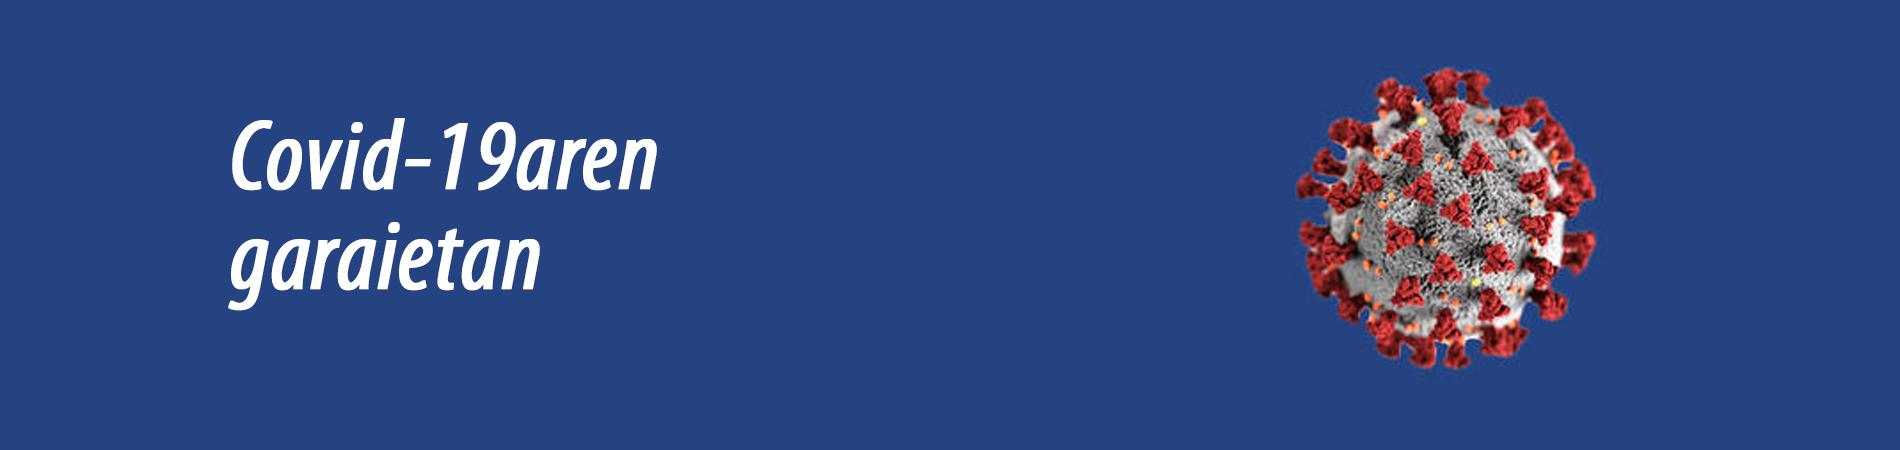 Banner covid19 eu